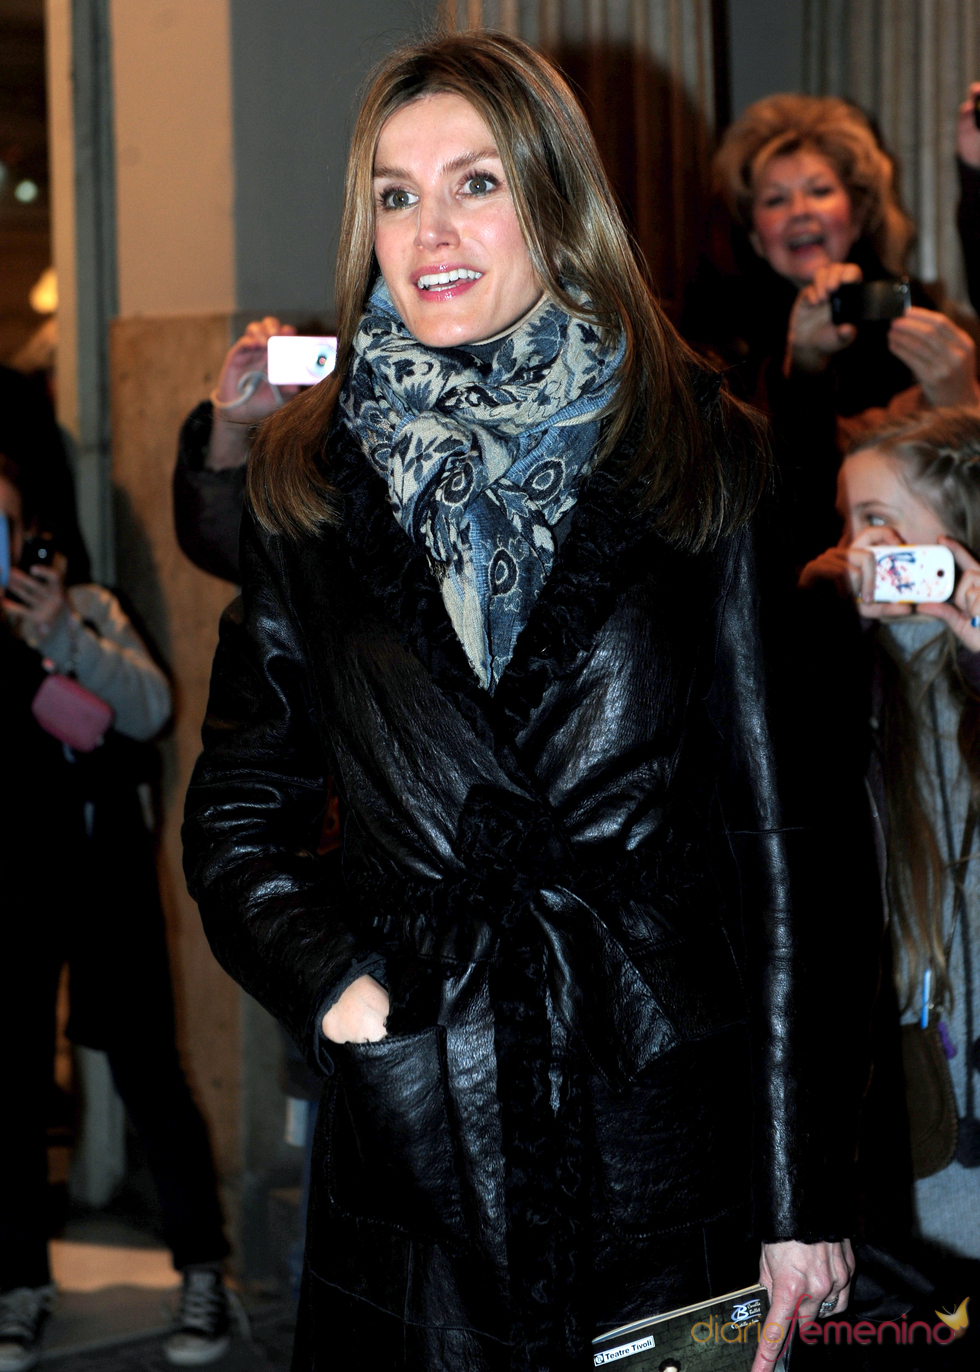 La princesa de Asturias en Barcelona para ver la función de Ángel Corella